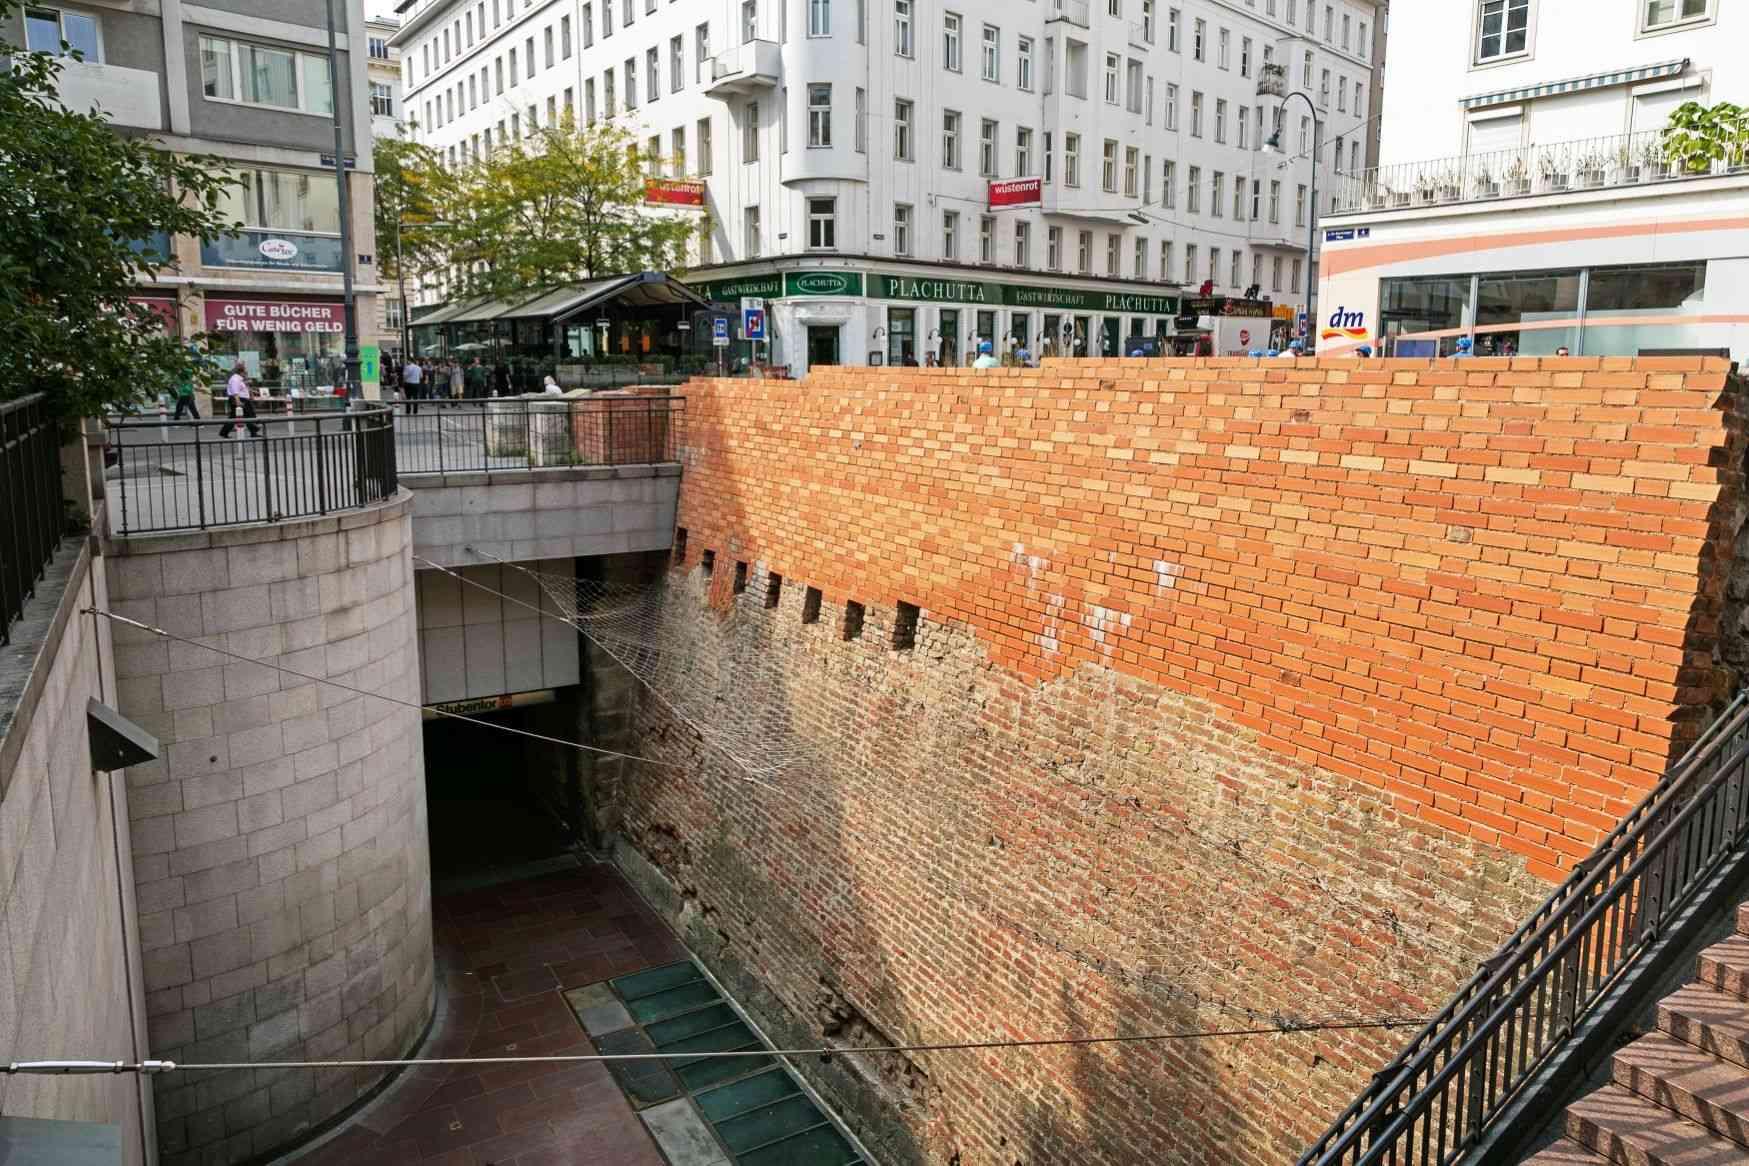 Die Station Stubentor beinhaltet Bestandteile der alten Stadtmauer Wiens.